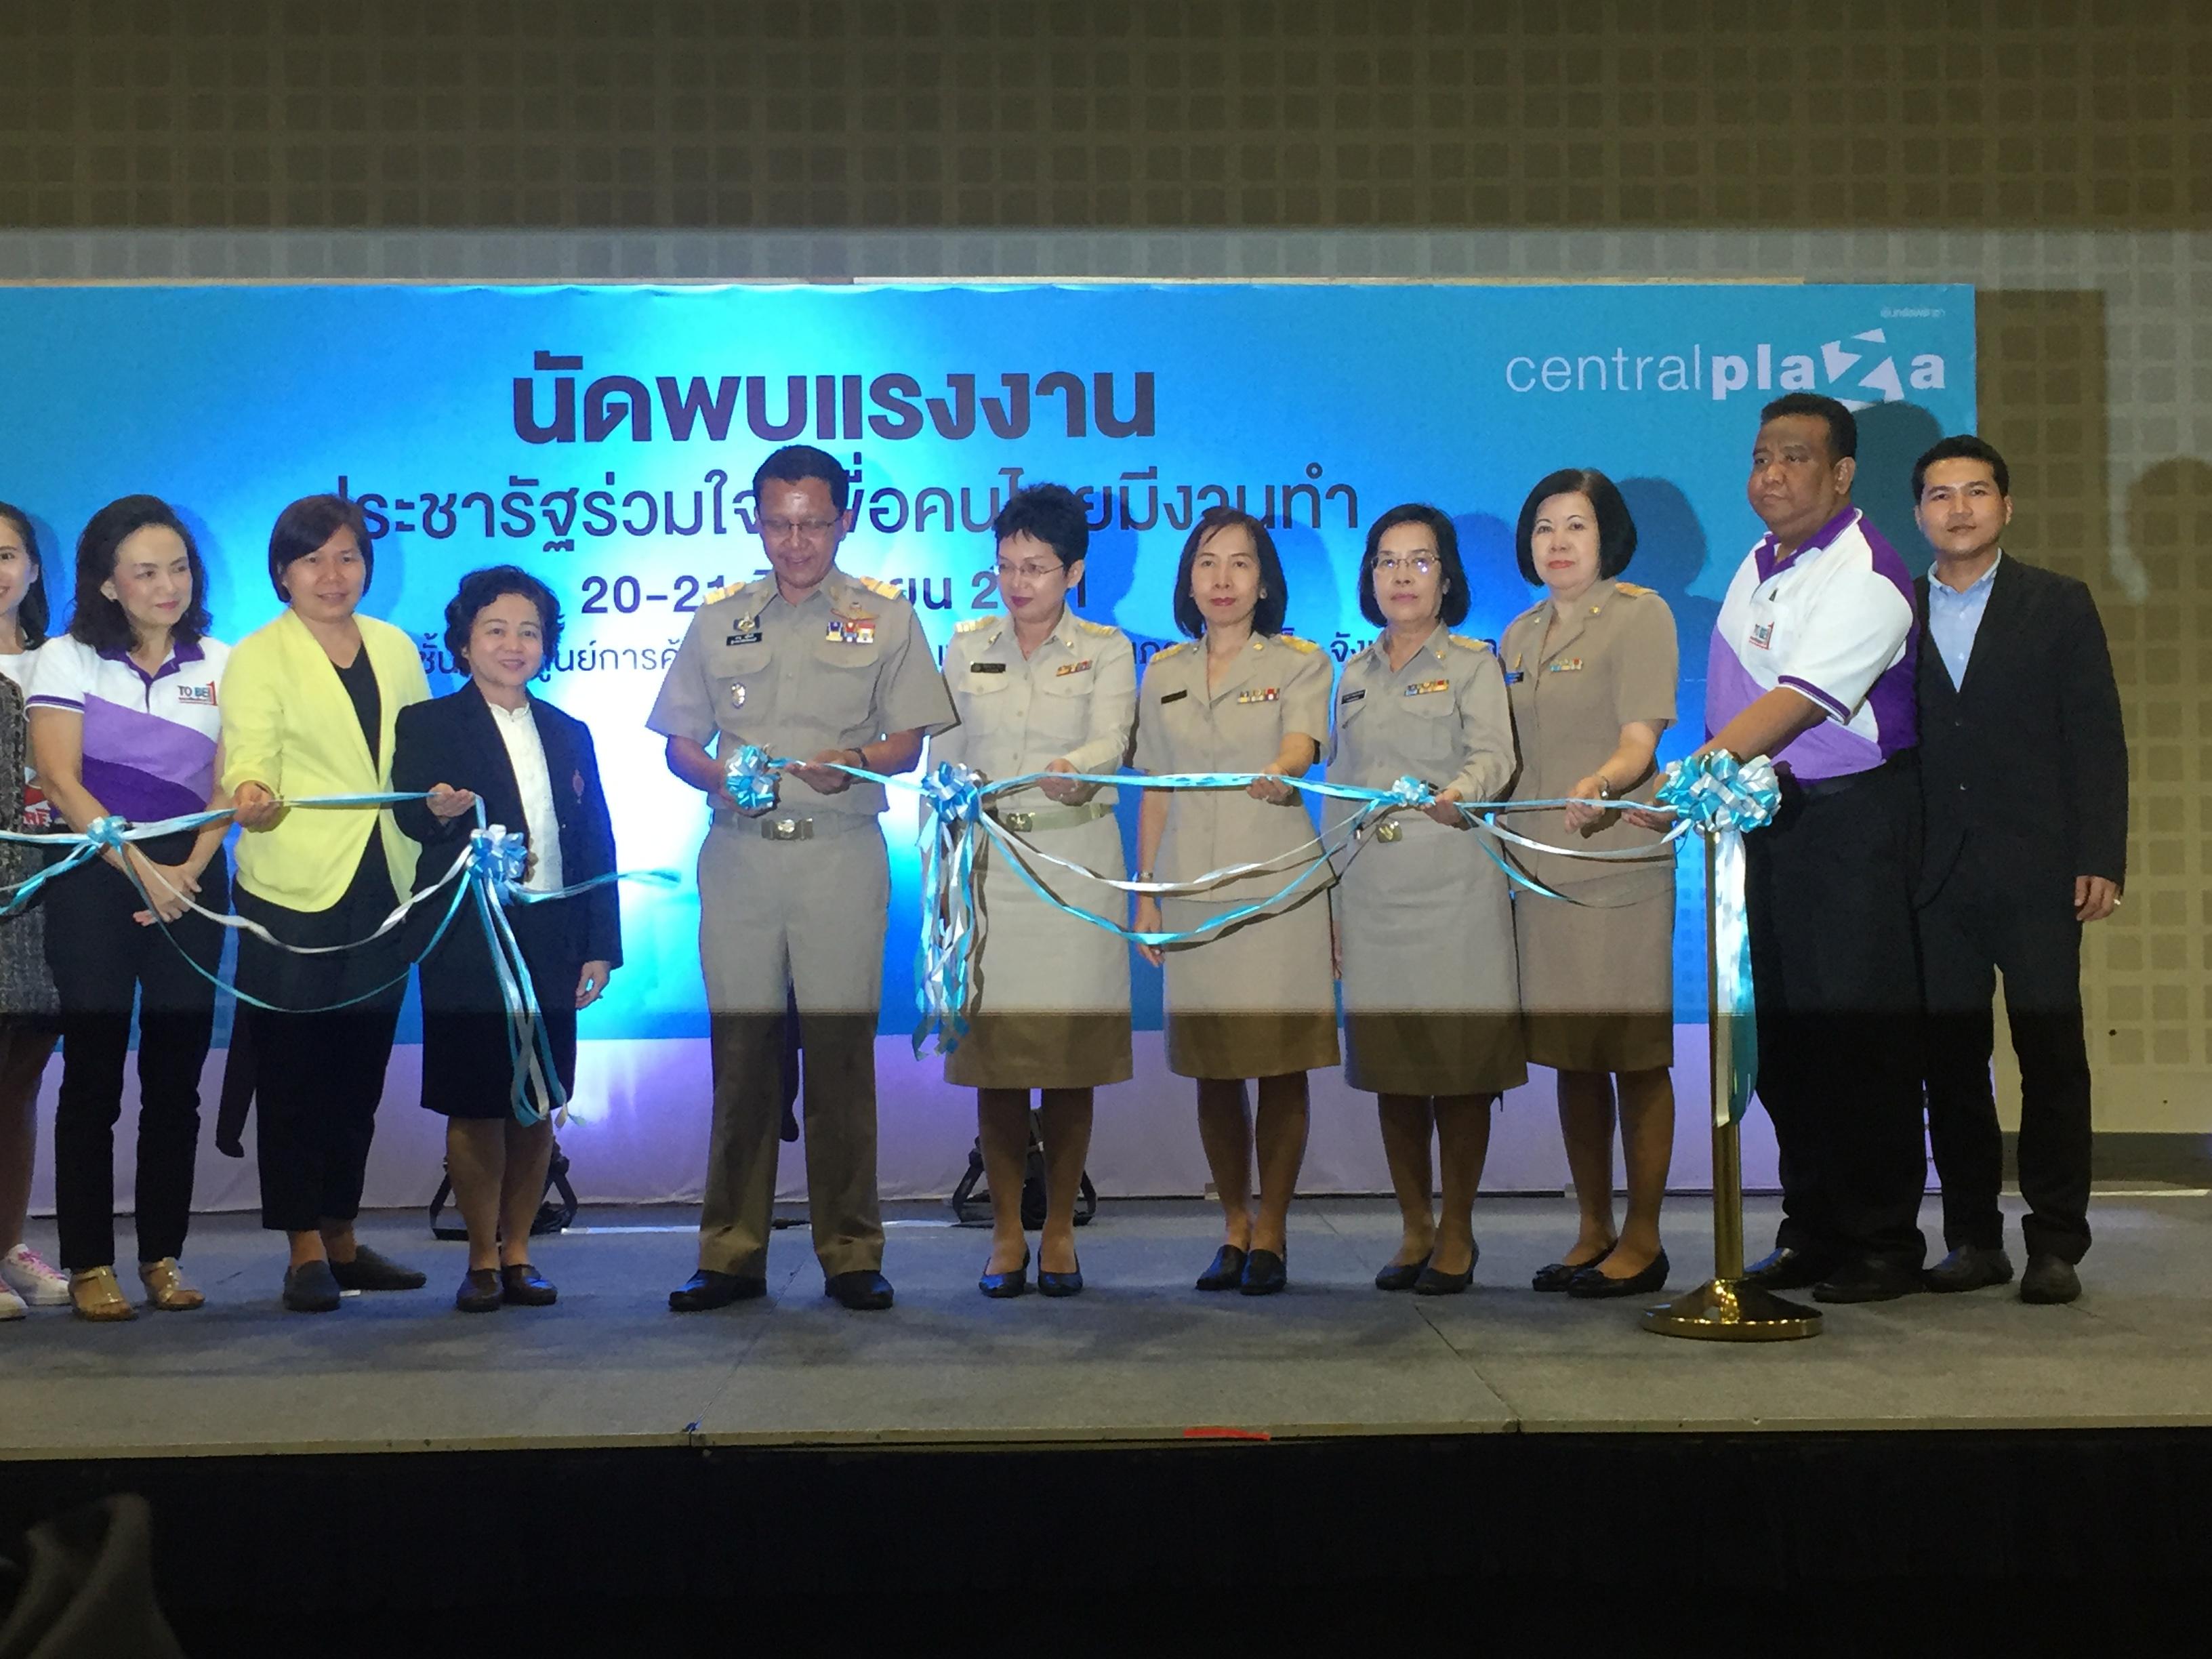 ภาพงานนัดพบแรงงาน ประชารัฐร่วมใจ เพื่อคนไทยมีงานทำ